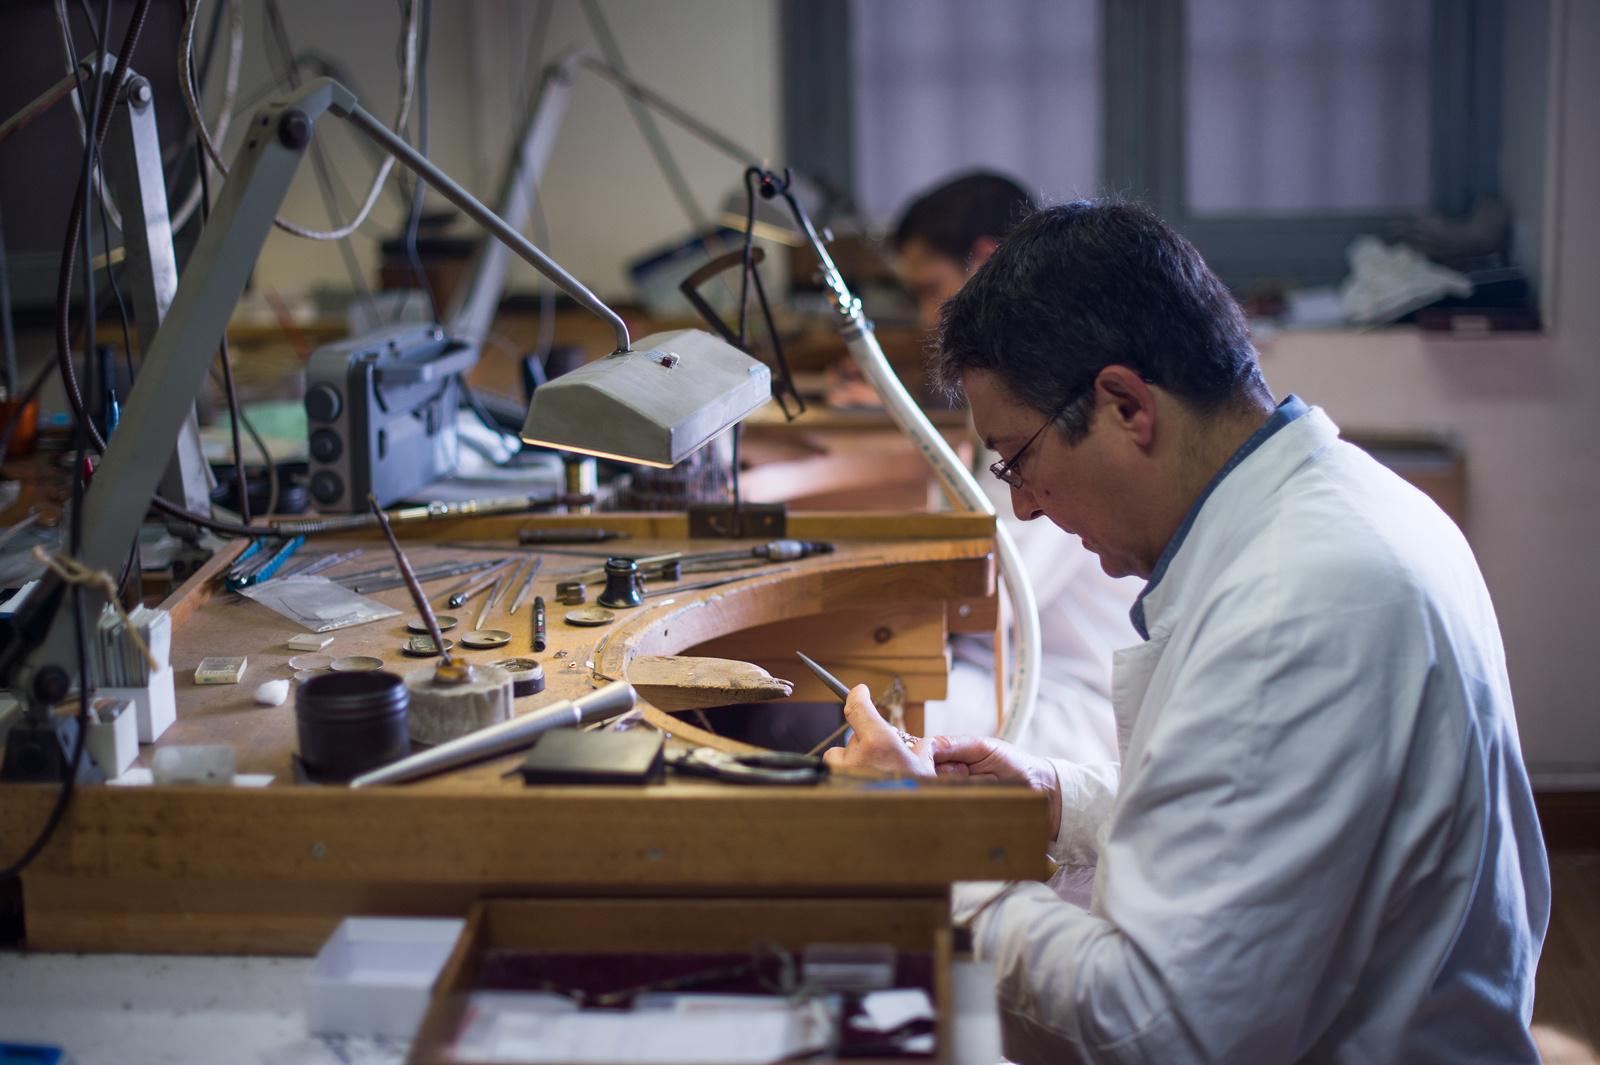 Pierre-Frédéric Tournis à l'atelier © Tournis